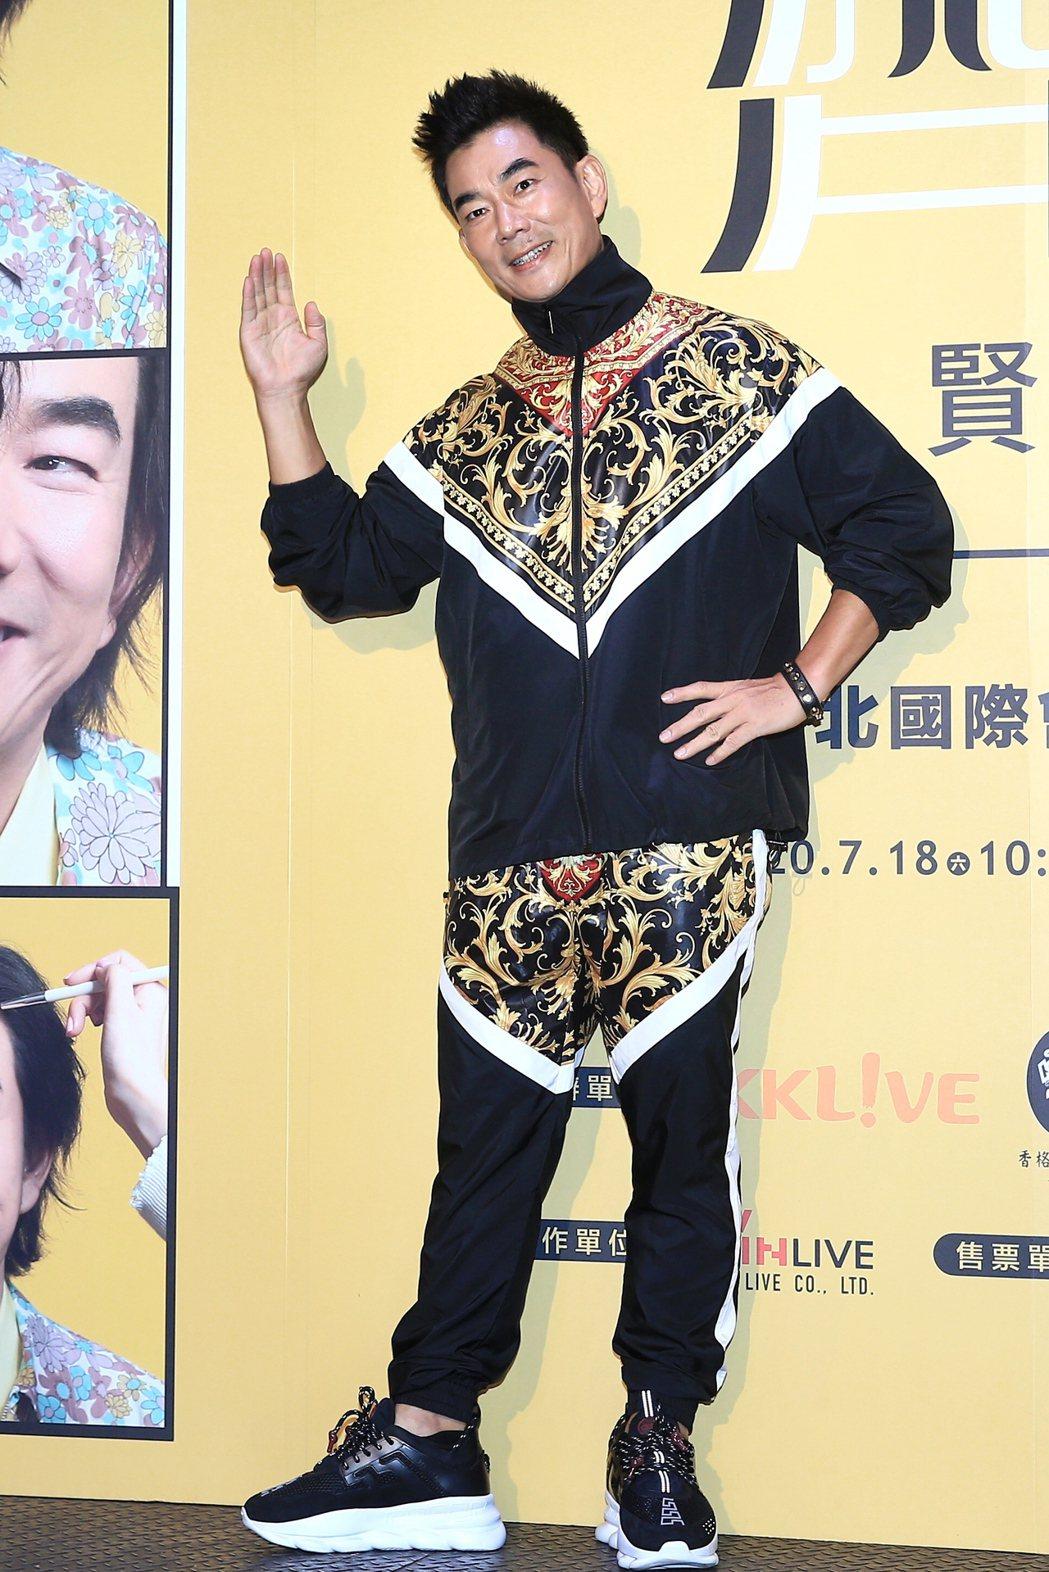 任賢齊在台北舉行「齊跡2020演唱會台北站」記者會,宣傳將回歸台北國際會議中心再